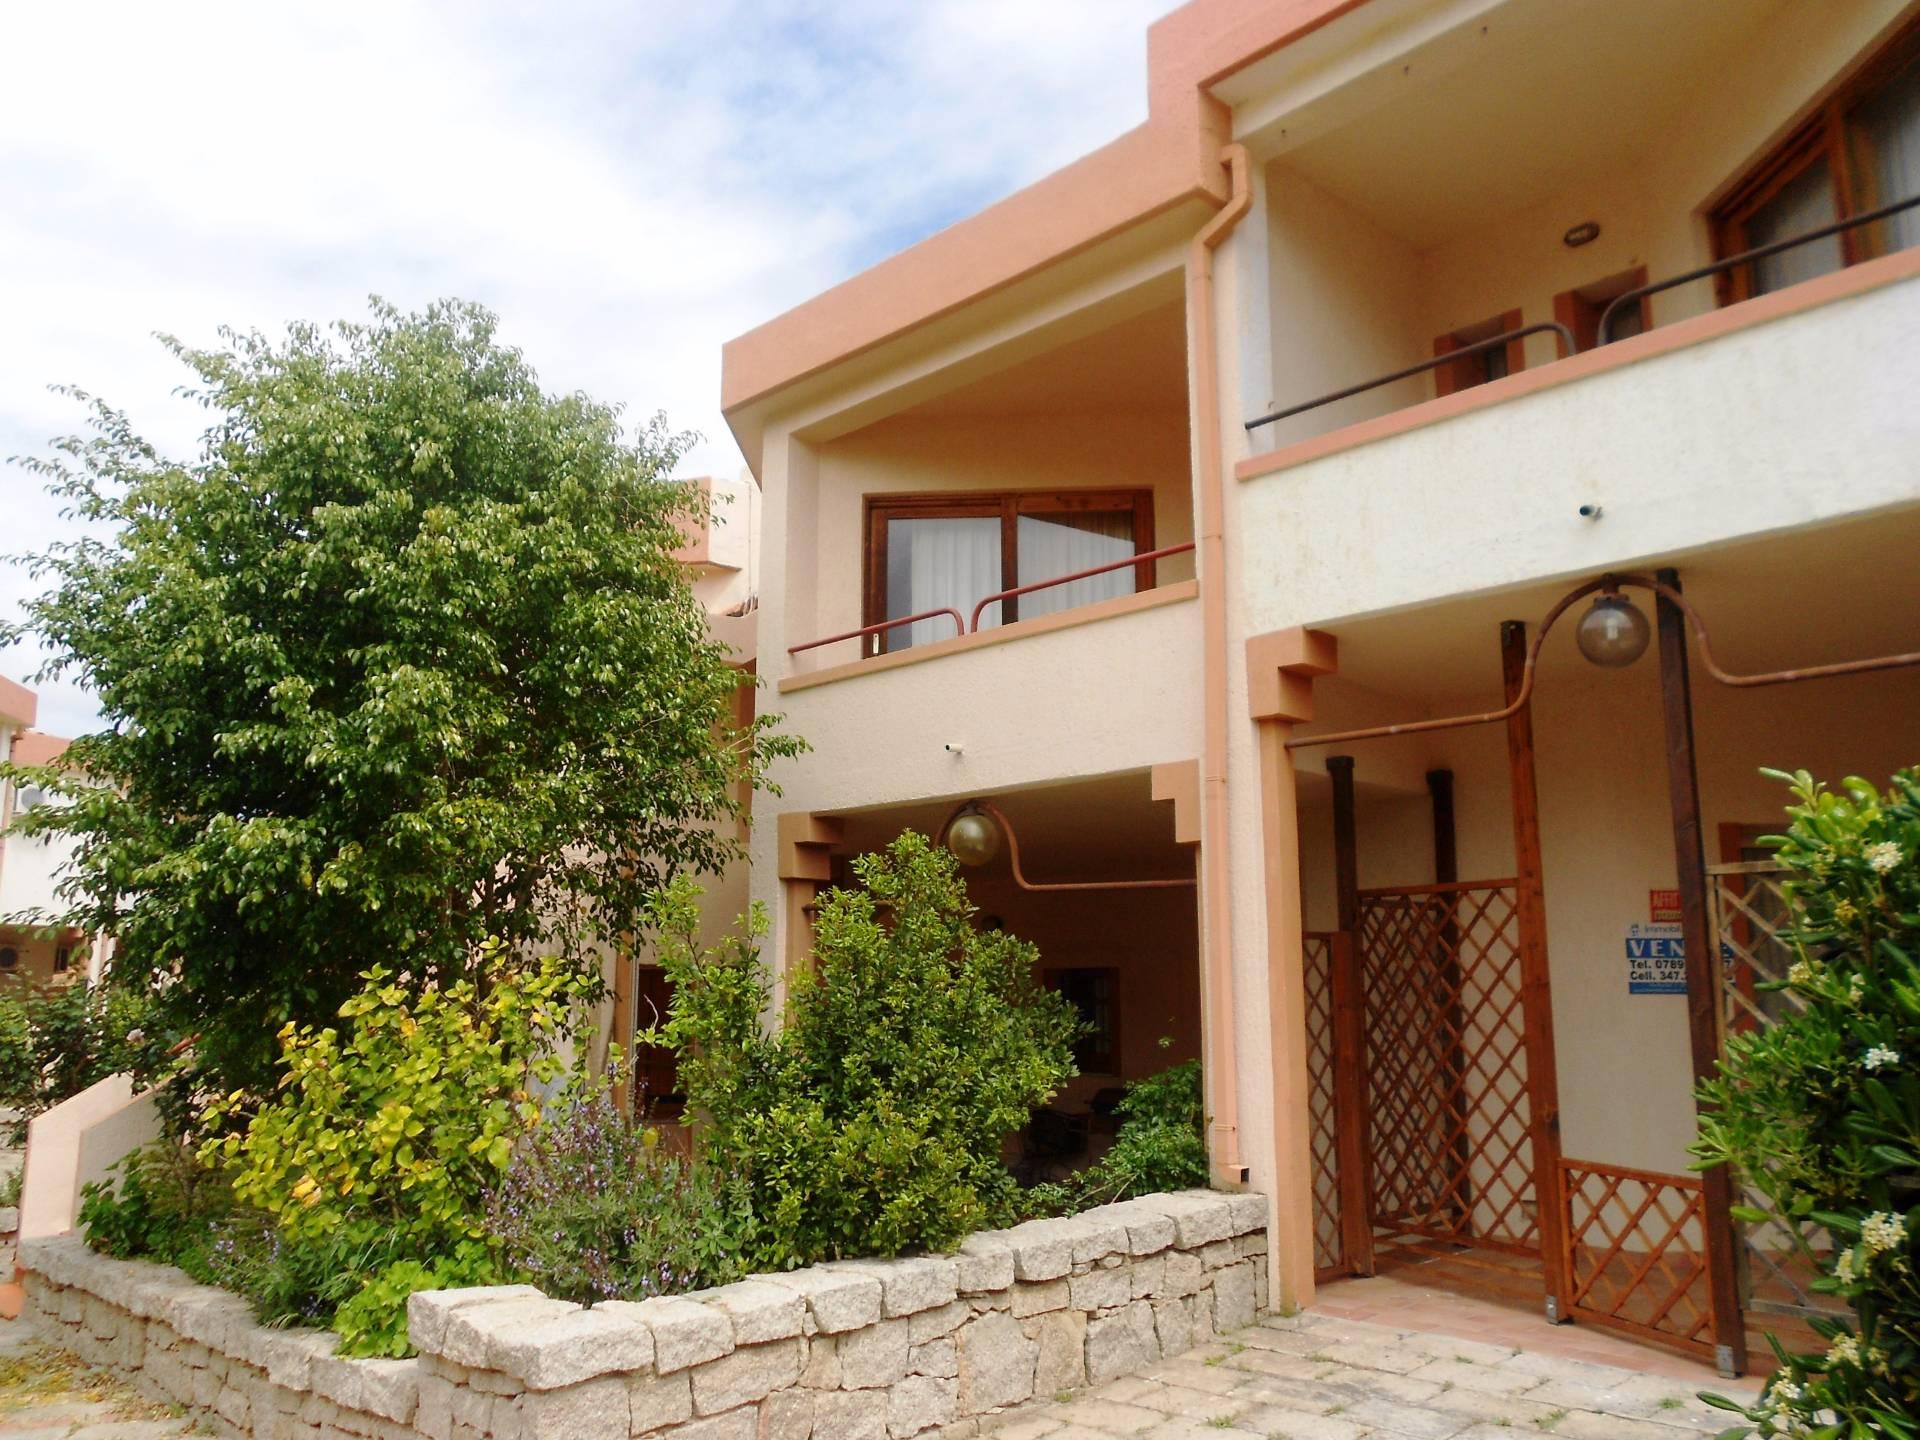 Appartamento in vendita a Palau, 3 locali, zona Località: CapodOrso, prezzo € 200.000 | Cambio Casa.it